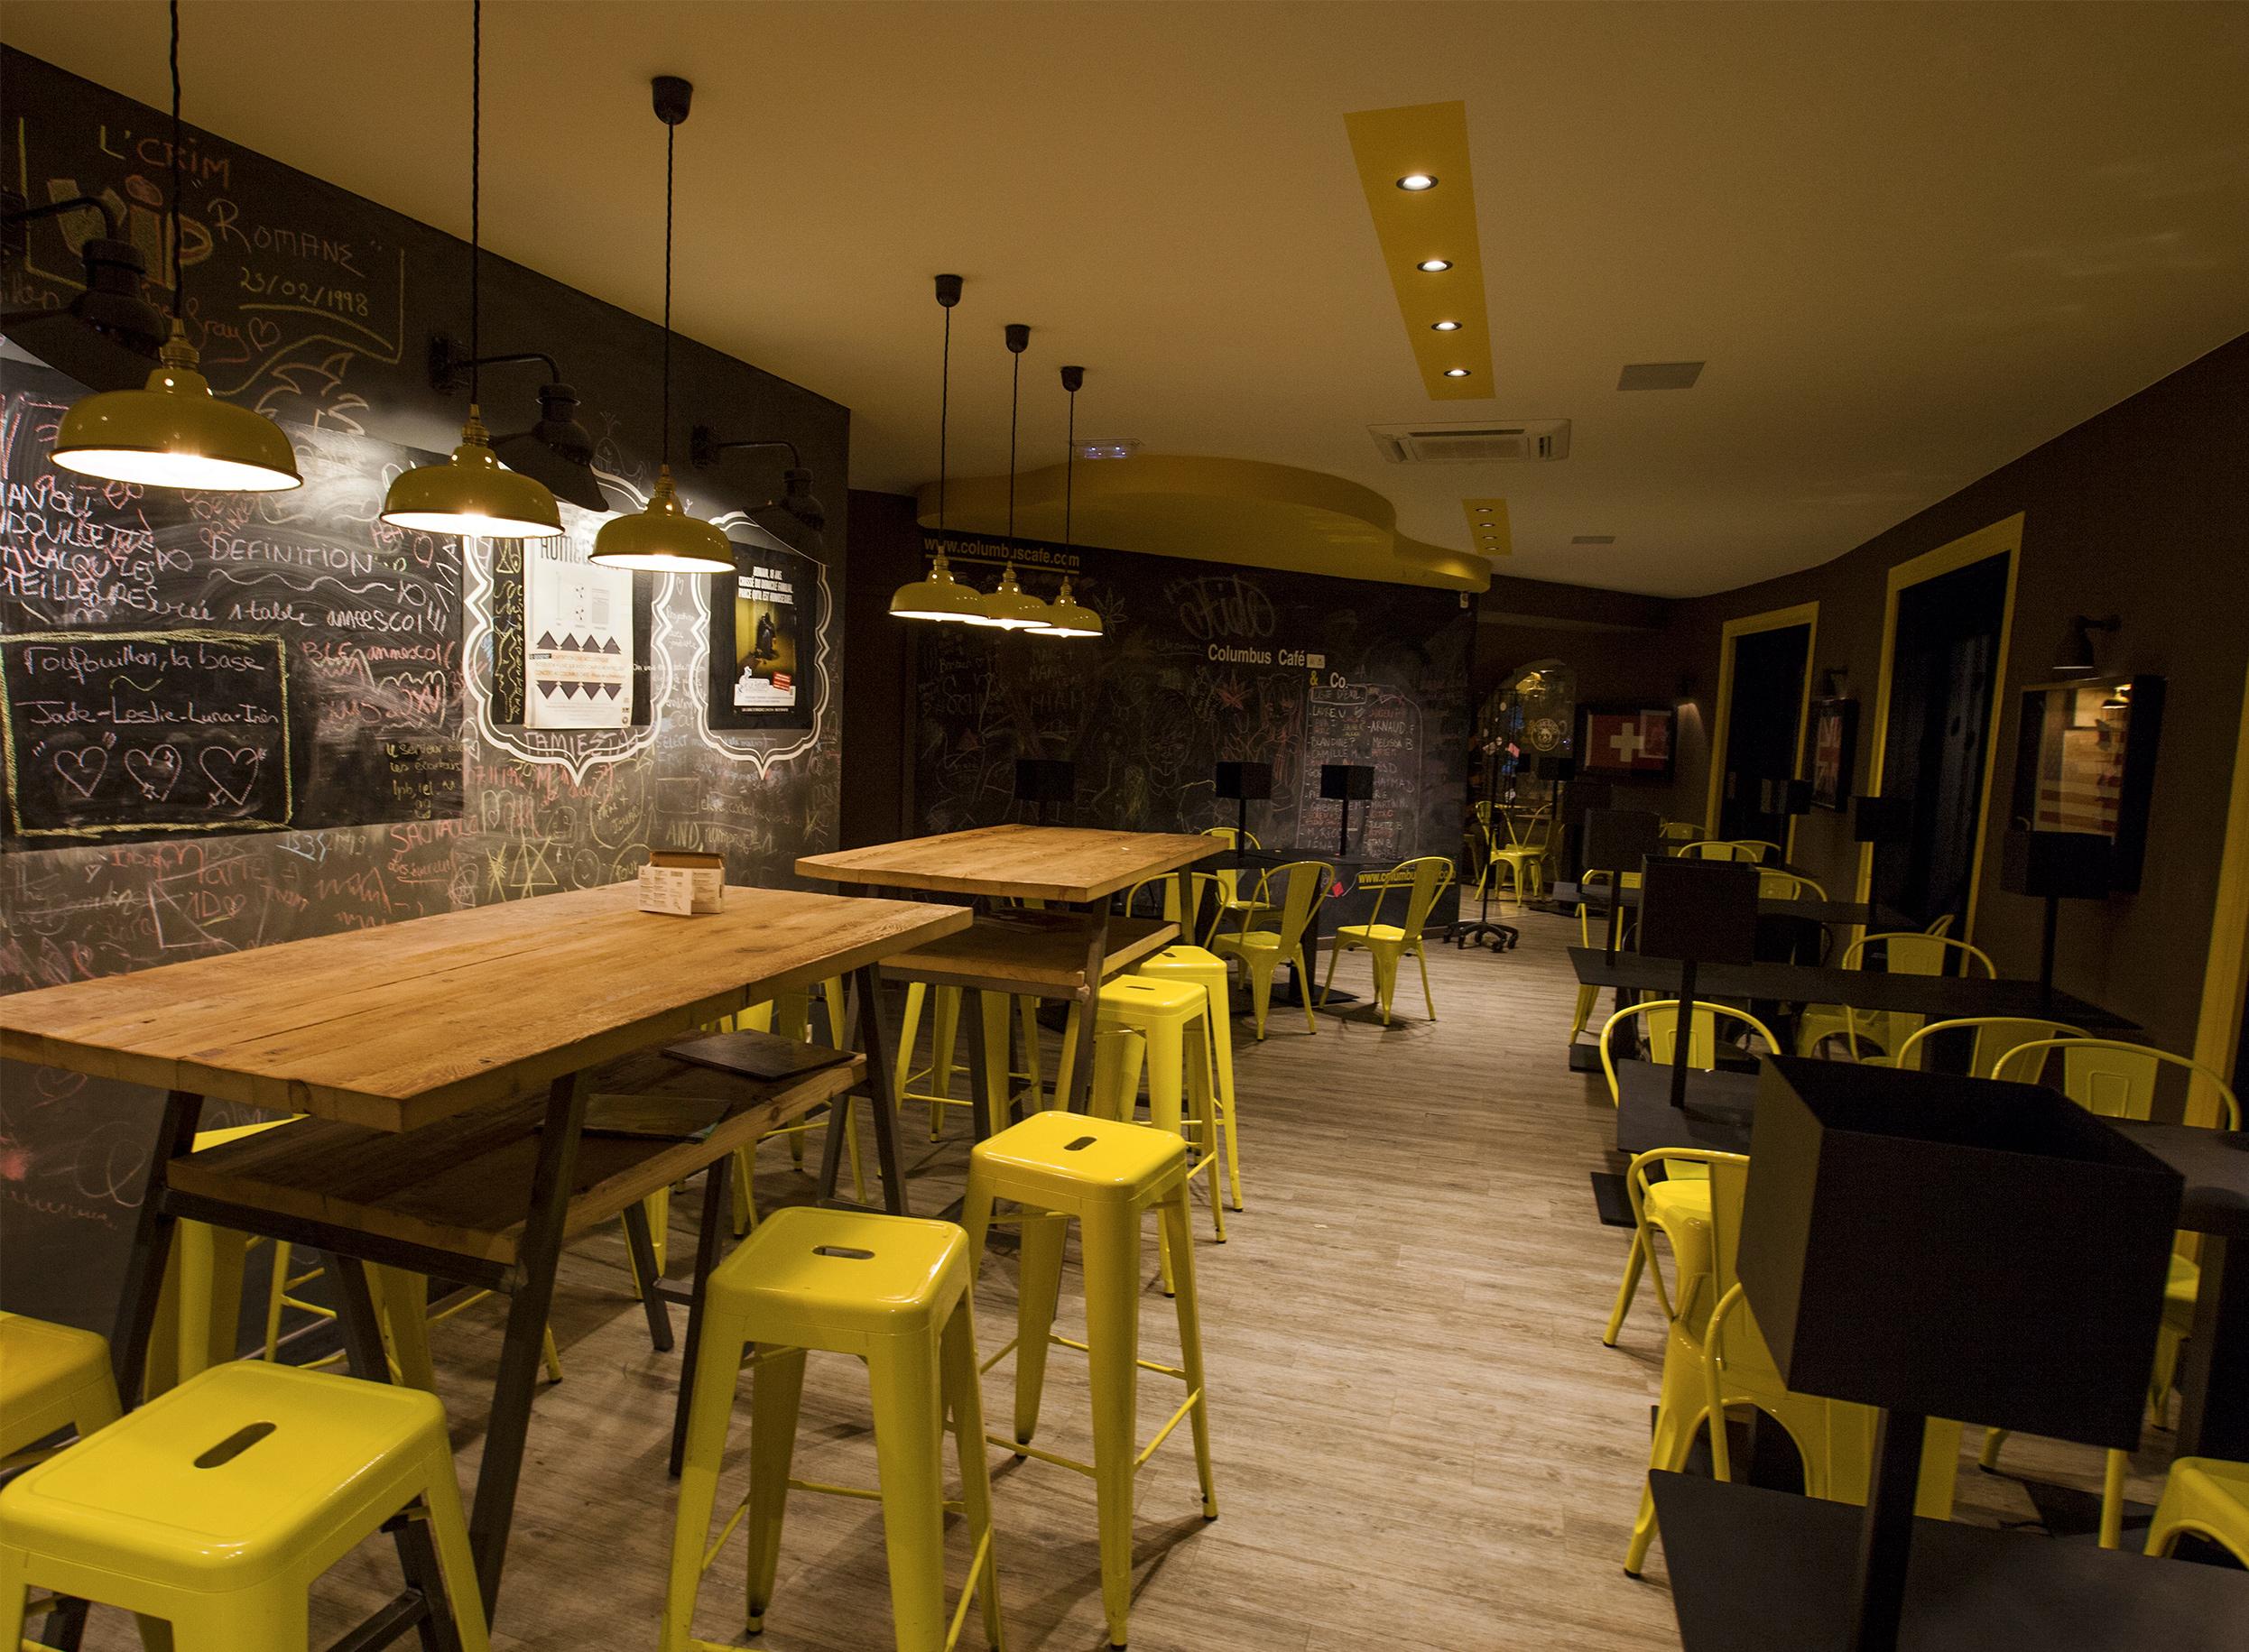 Éclairage tamisé pour Colombus Café